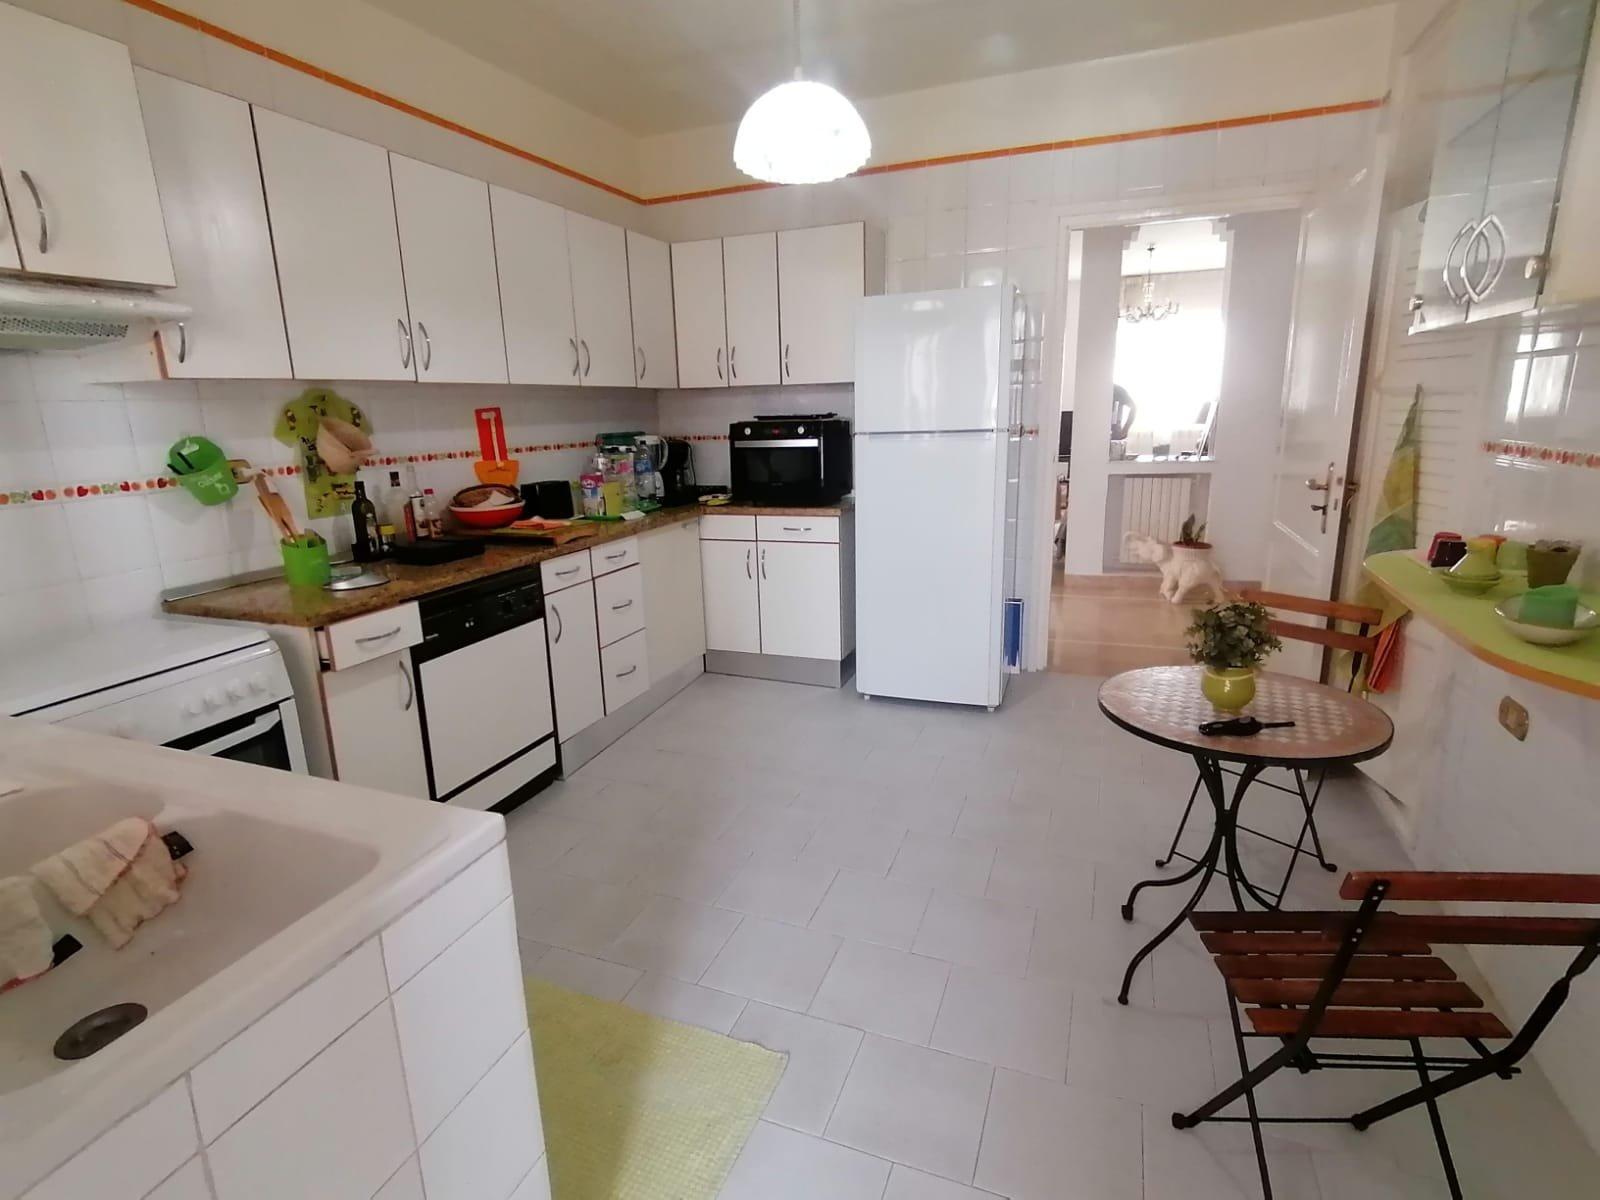 Location d'un appartement s+3 meublé à La Marsa